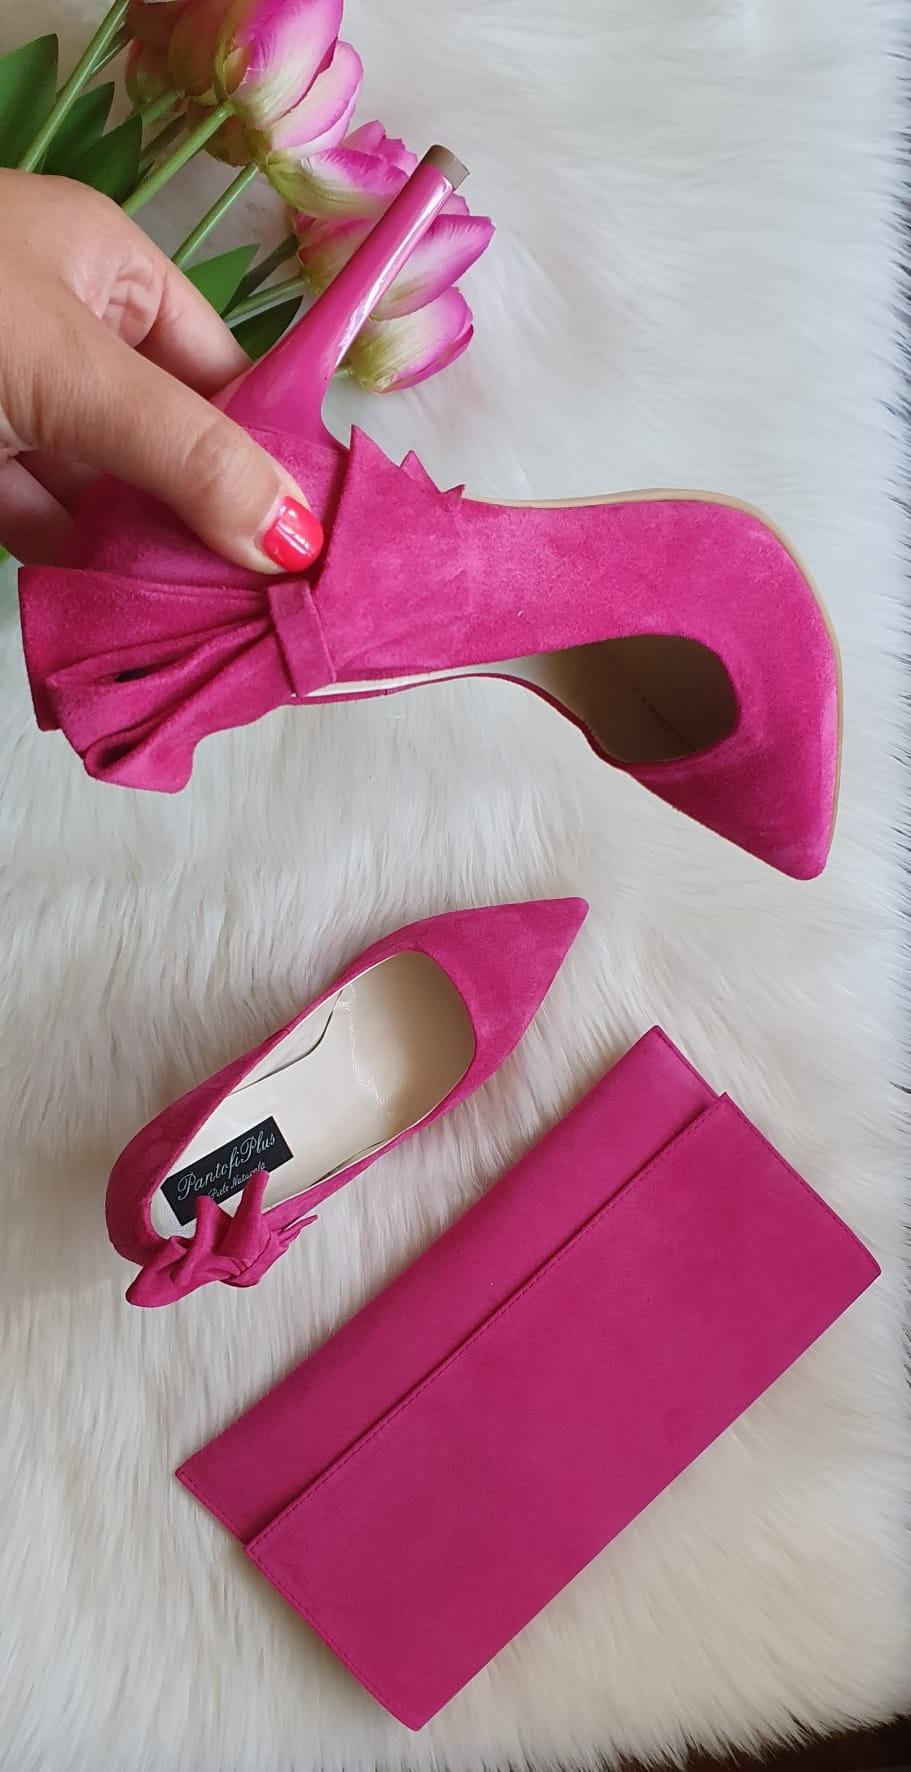 Pantofi Stileto Piele Albastru Electric Fundita C43- orice culoare